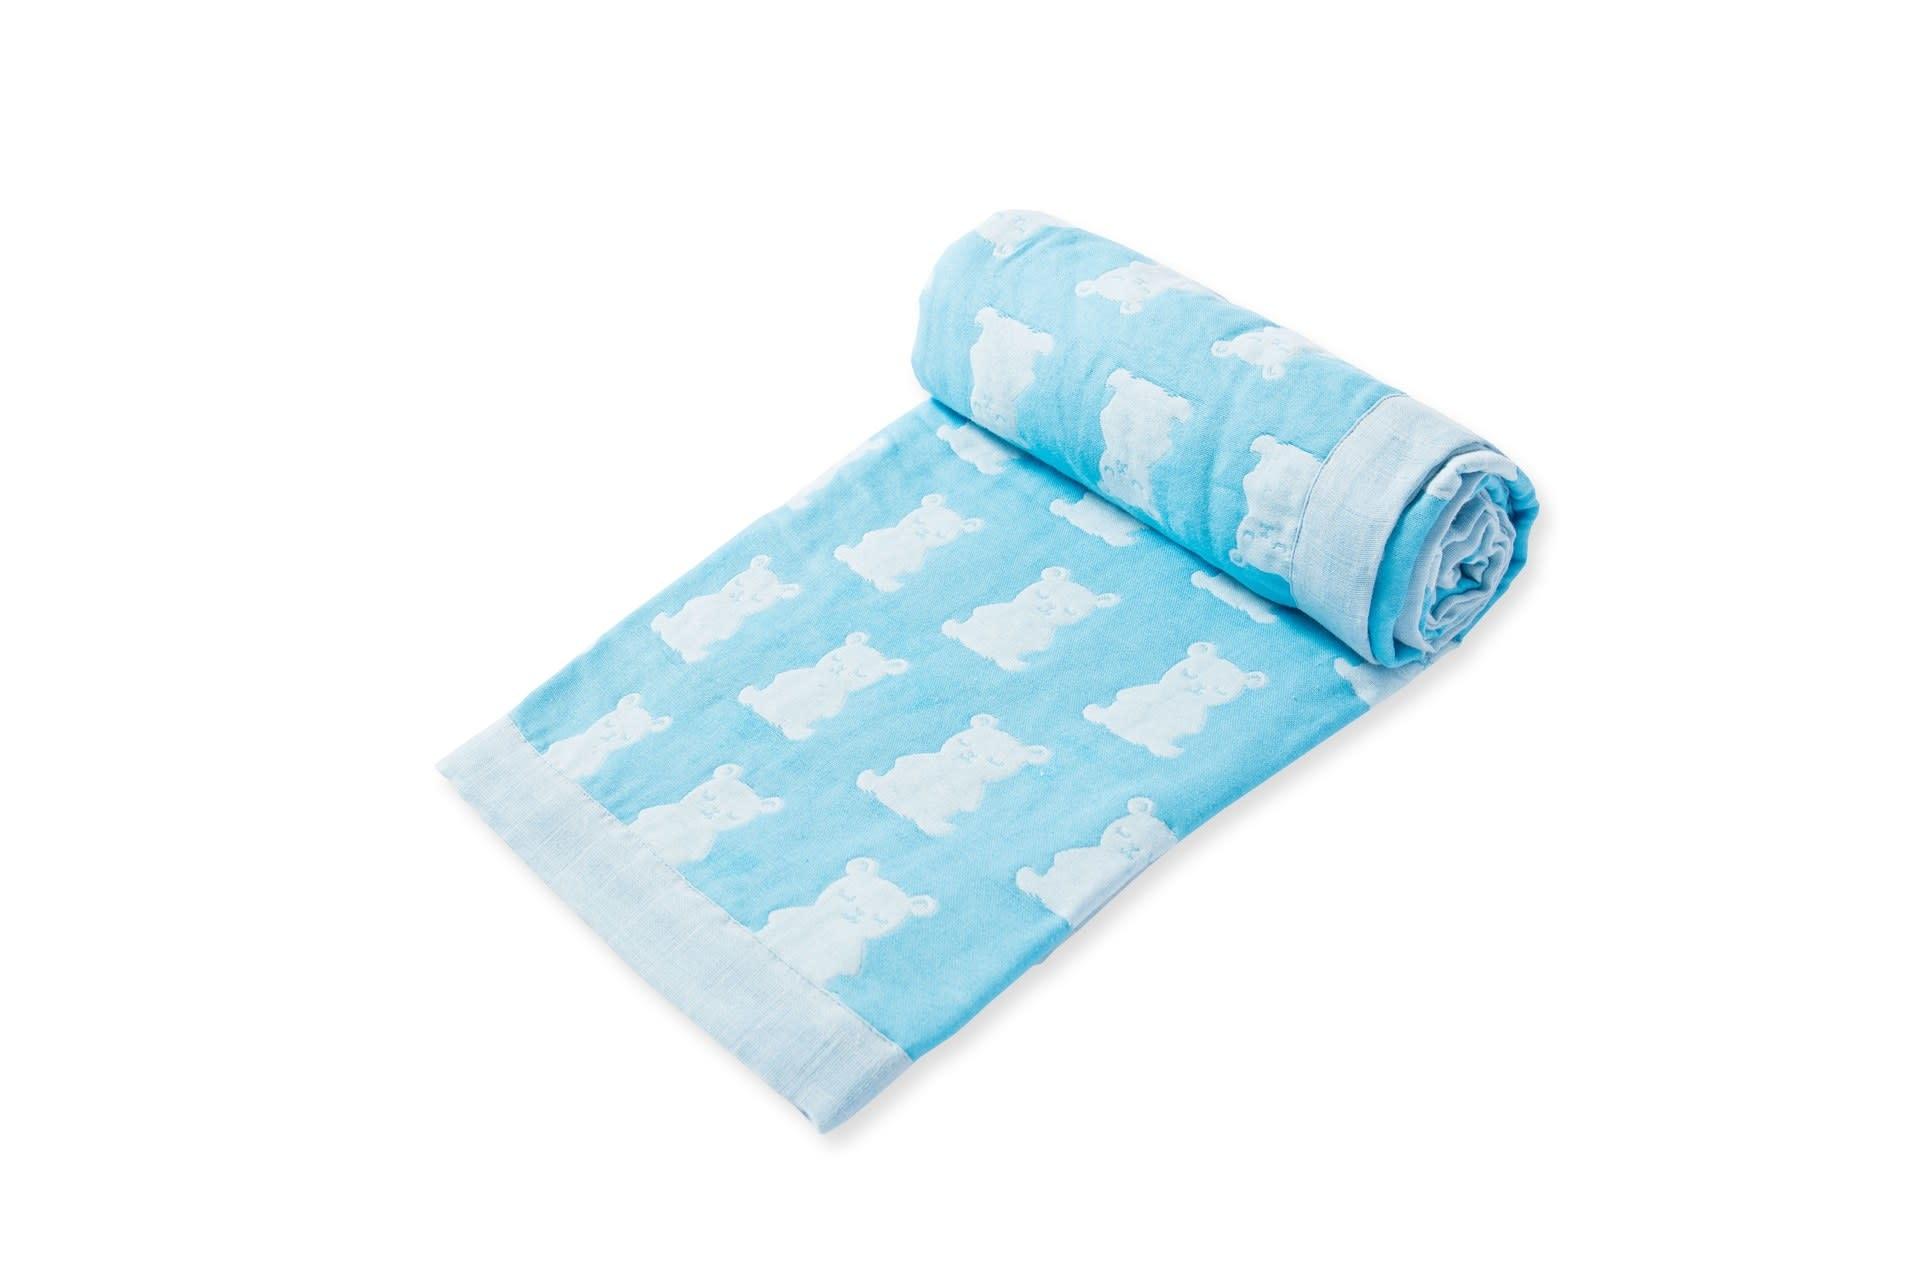 Angel Dear Jacquard Blanket - Bear Blue